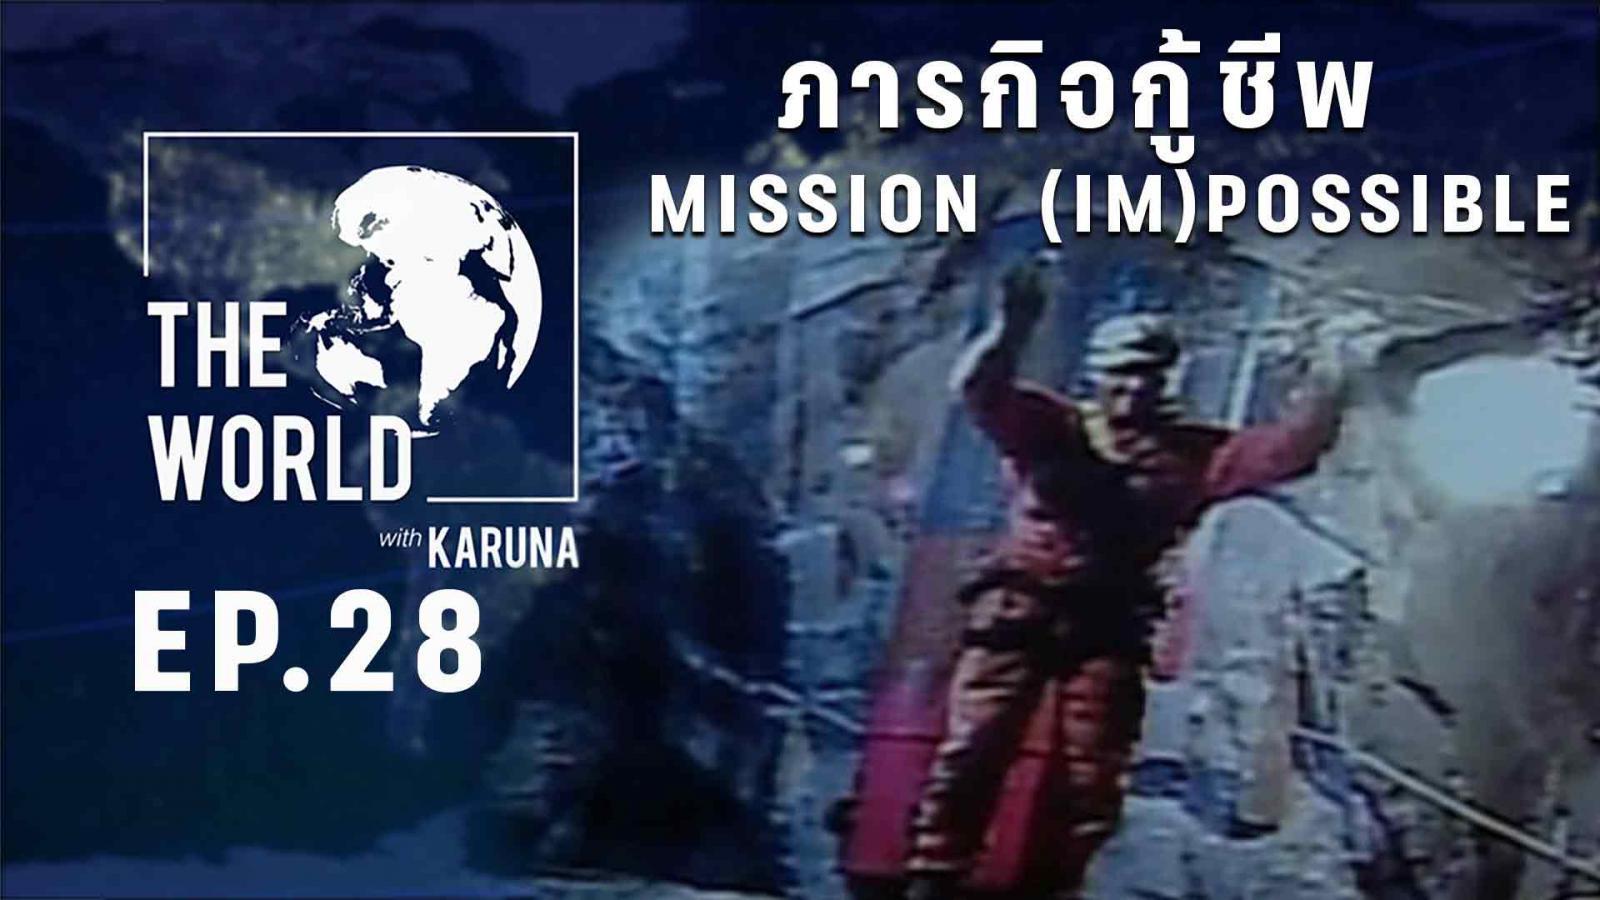 ภารกิจกู้ชีพ MISSION  (IM)POSSIBLE